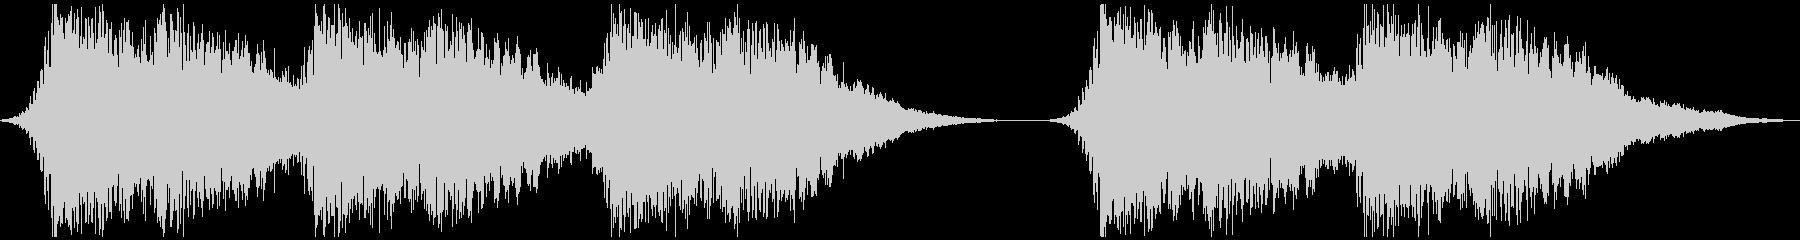 モダン 交響曲 室内楽 未来 テク...の未再生の波形